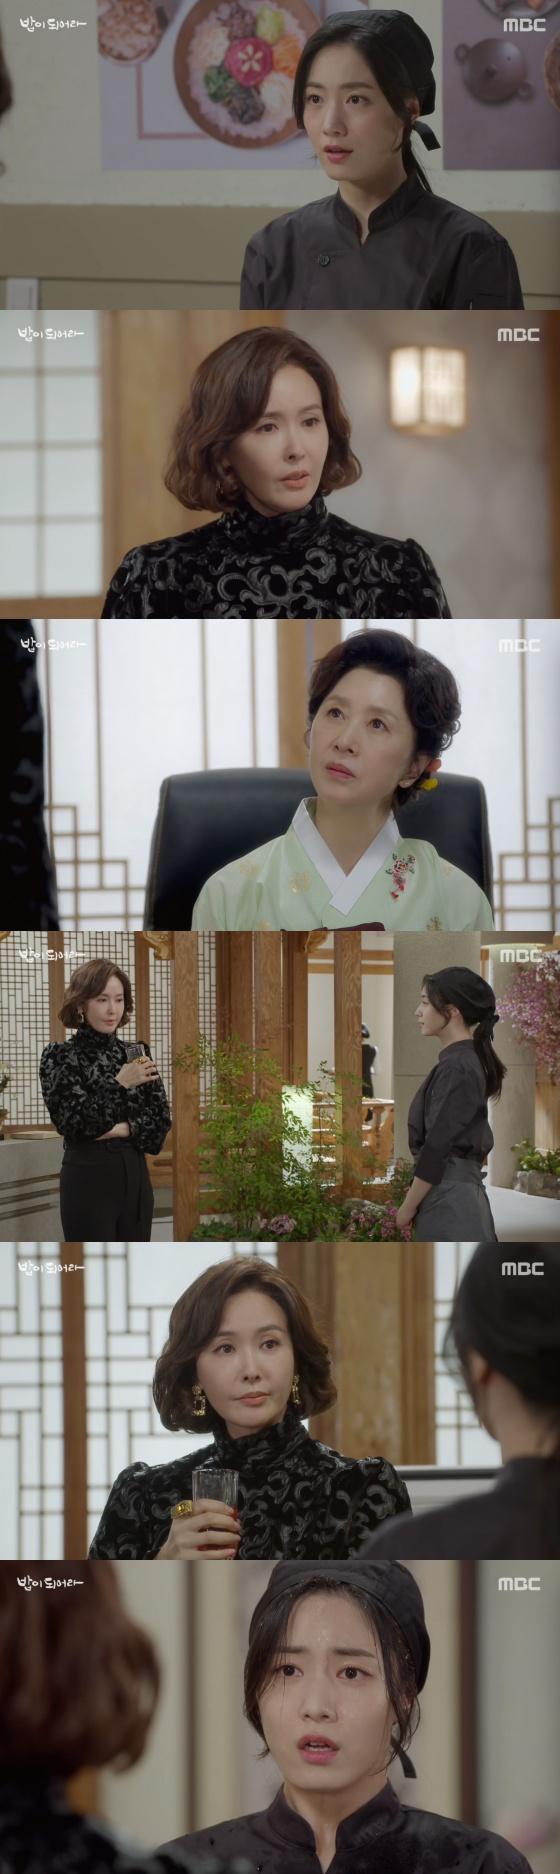 /사진=MBC 일일드라마 '밥이 되어라' 방송화면 캡처